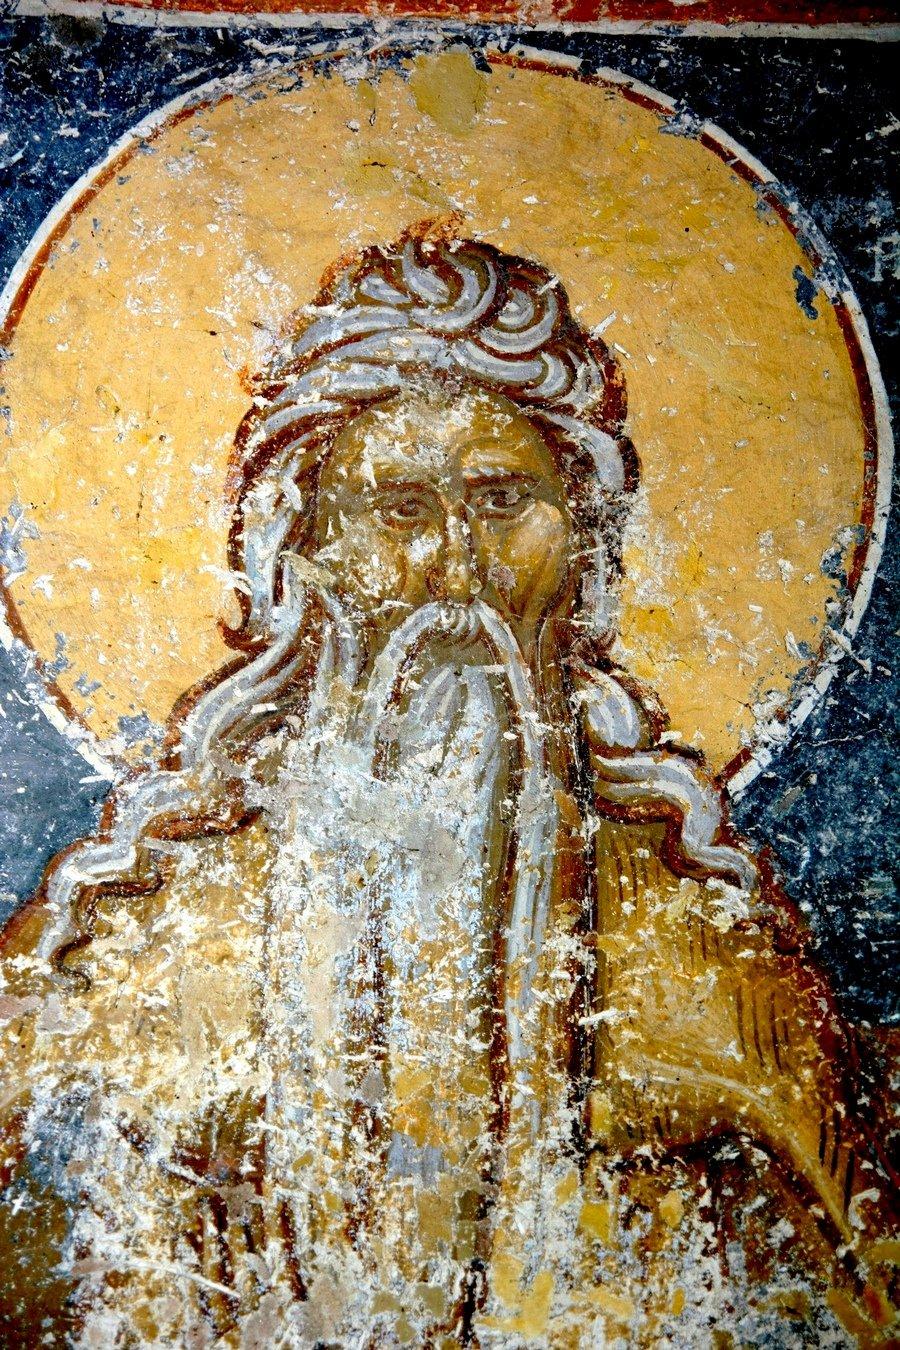 Святой Преподобный Онуфрий Великий. Фреска церкви Преображения Господня в монастыре Зрзе, Македония. 1368 - 1369 годы.